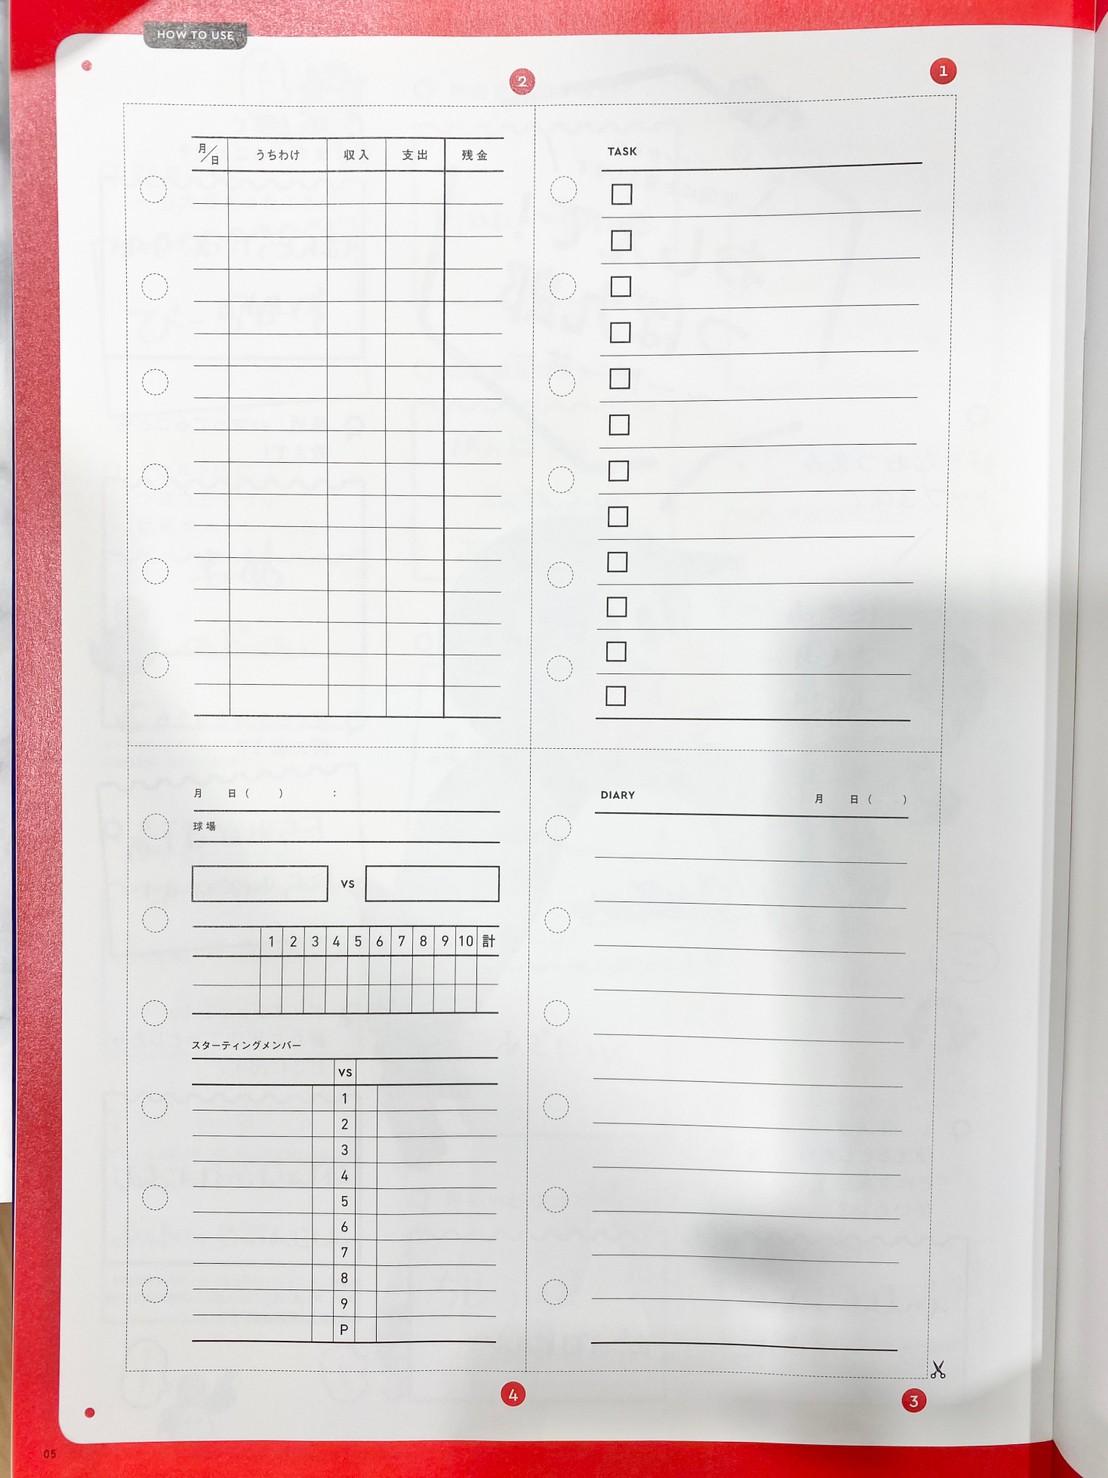 つば九郎 お金がたまるマルチポーチBOOKの手帳用シート